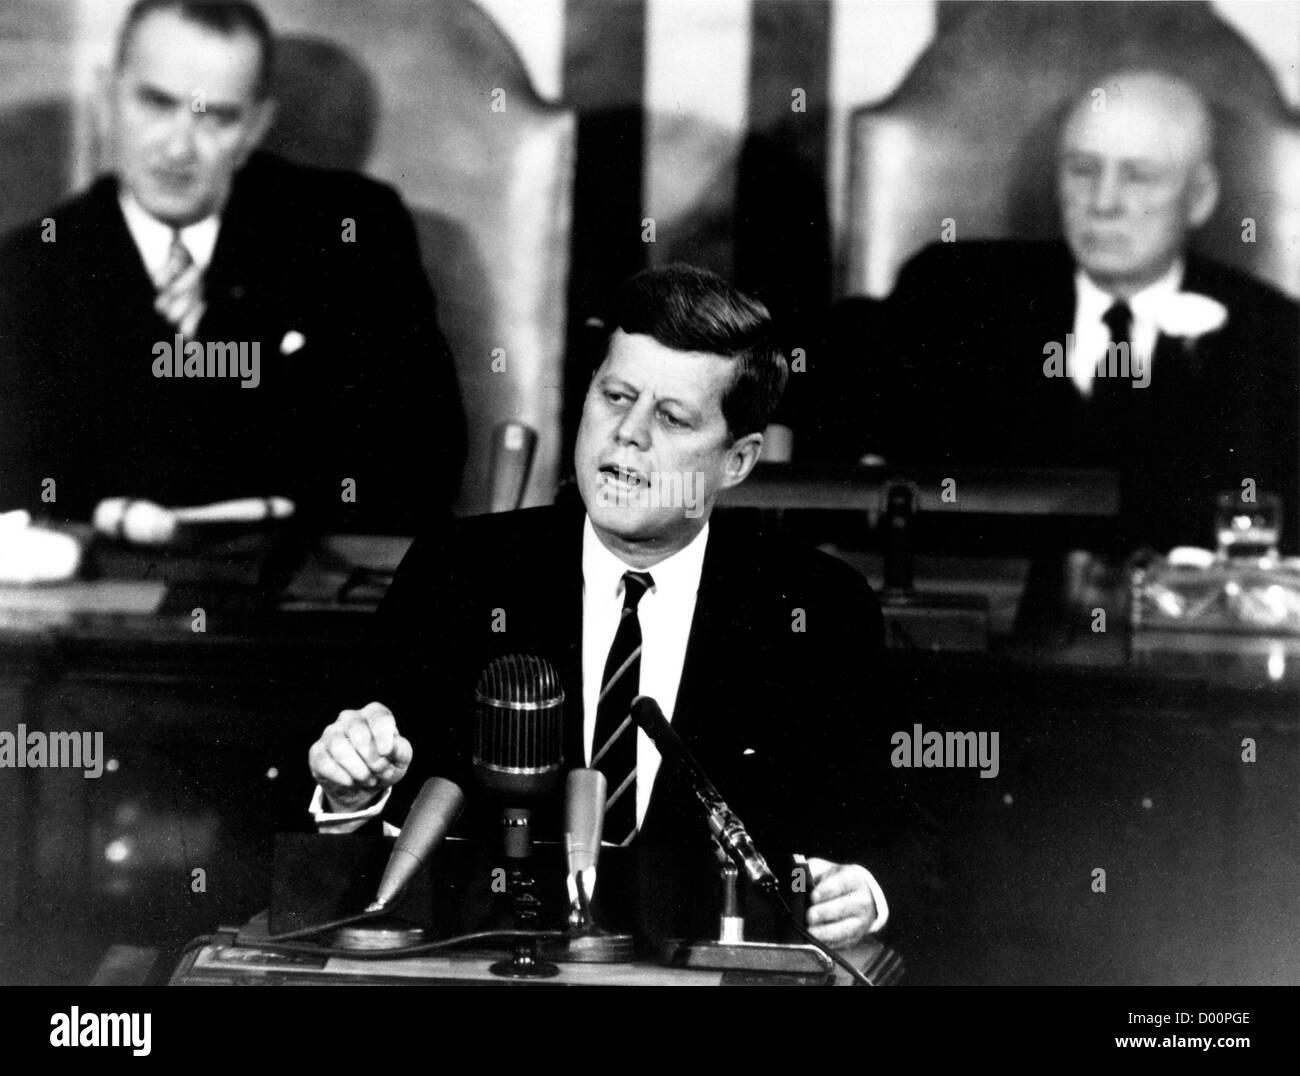 Präsident John f. Kennedy mit historischen Rede Stockbild